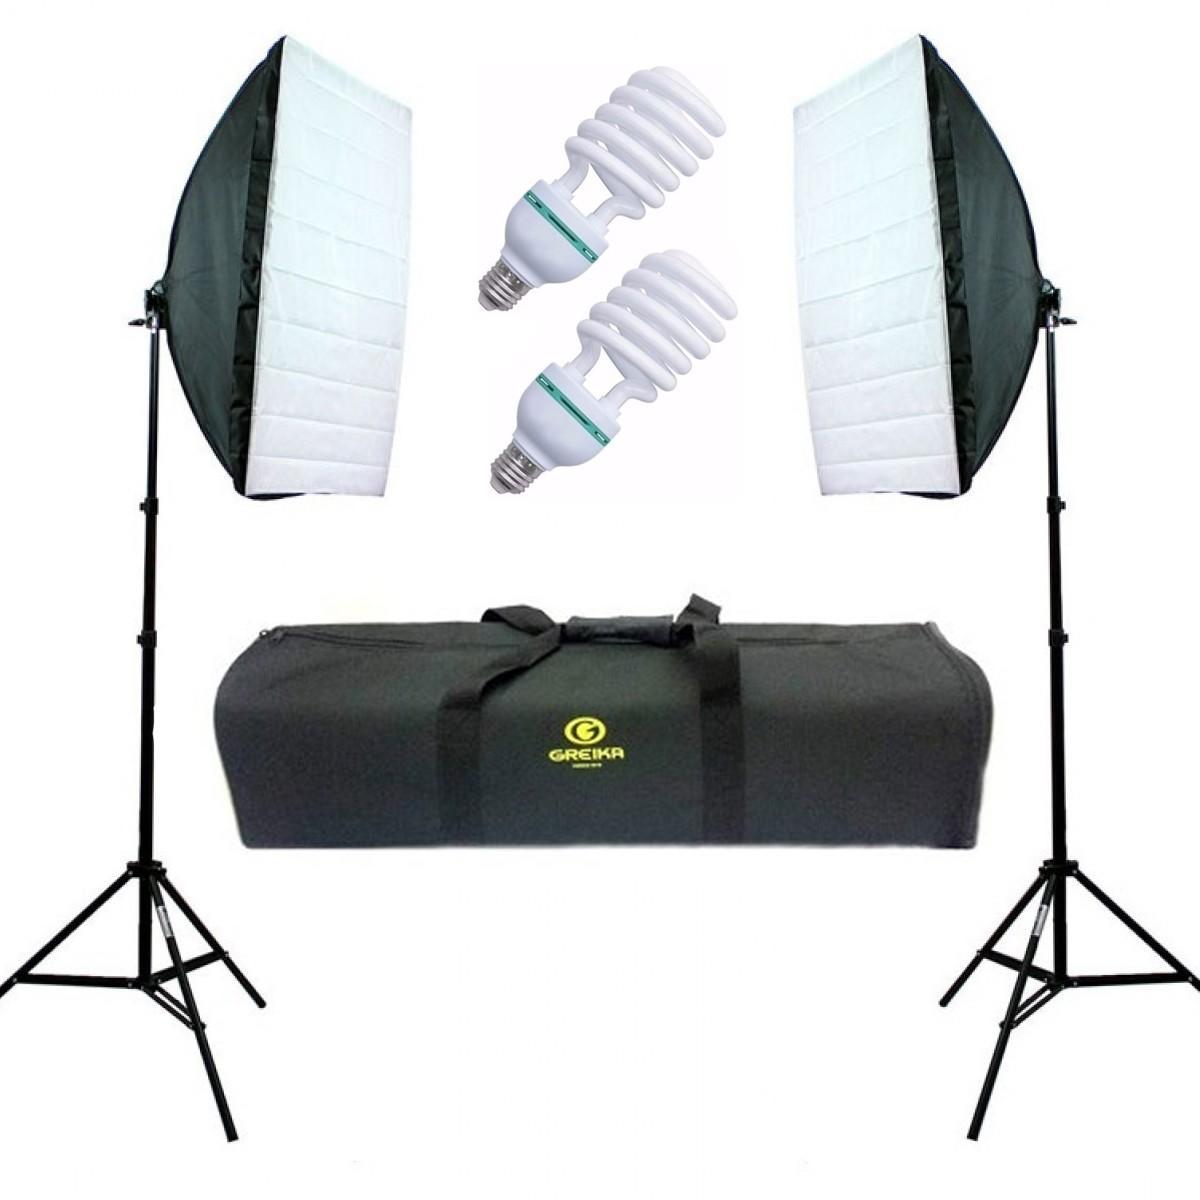 Kit De Iluminação Para Estúdio Fotográfico 2 Softbox 50x70 - Ágata 2 220v